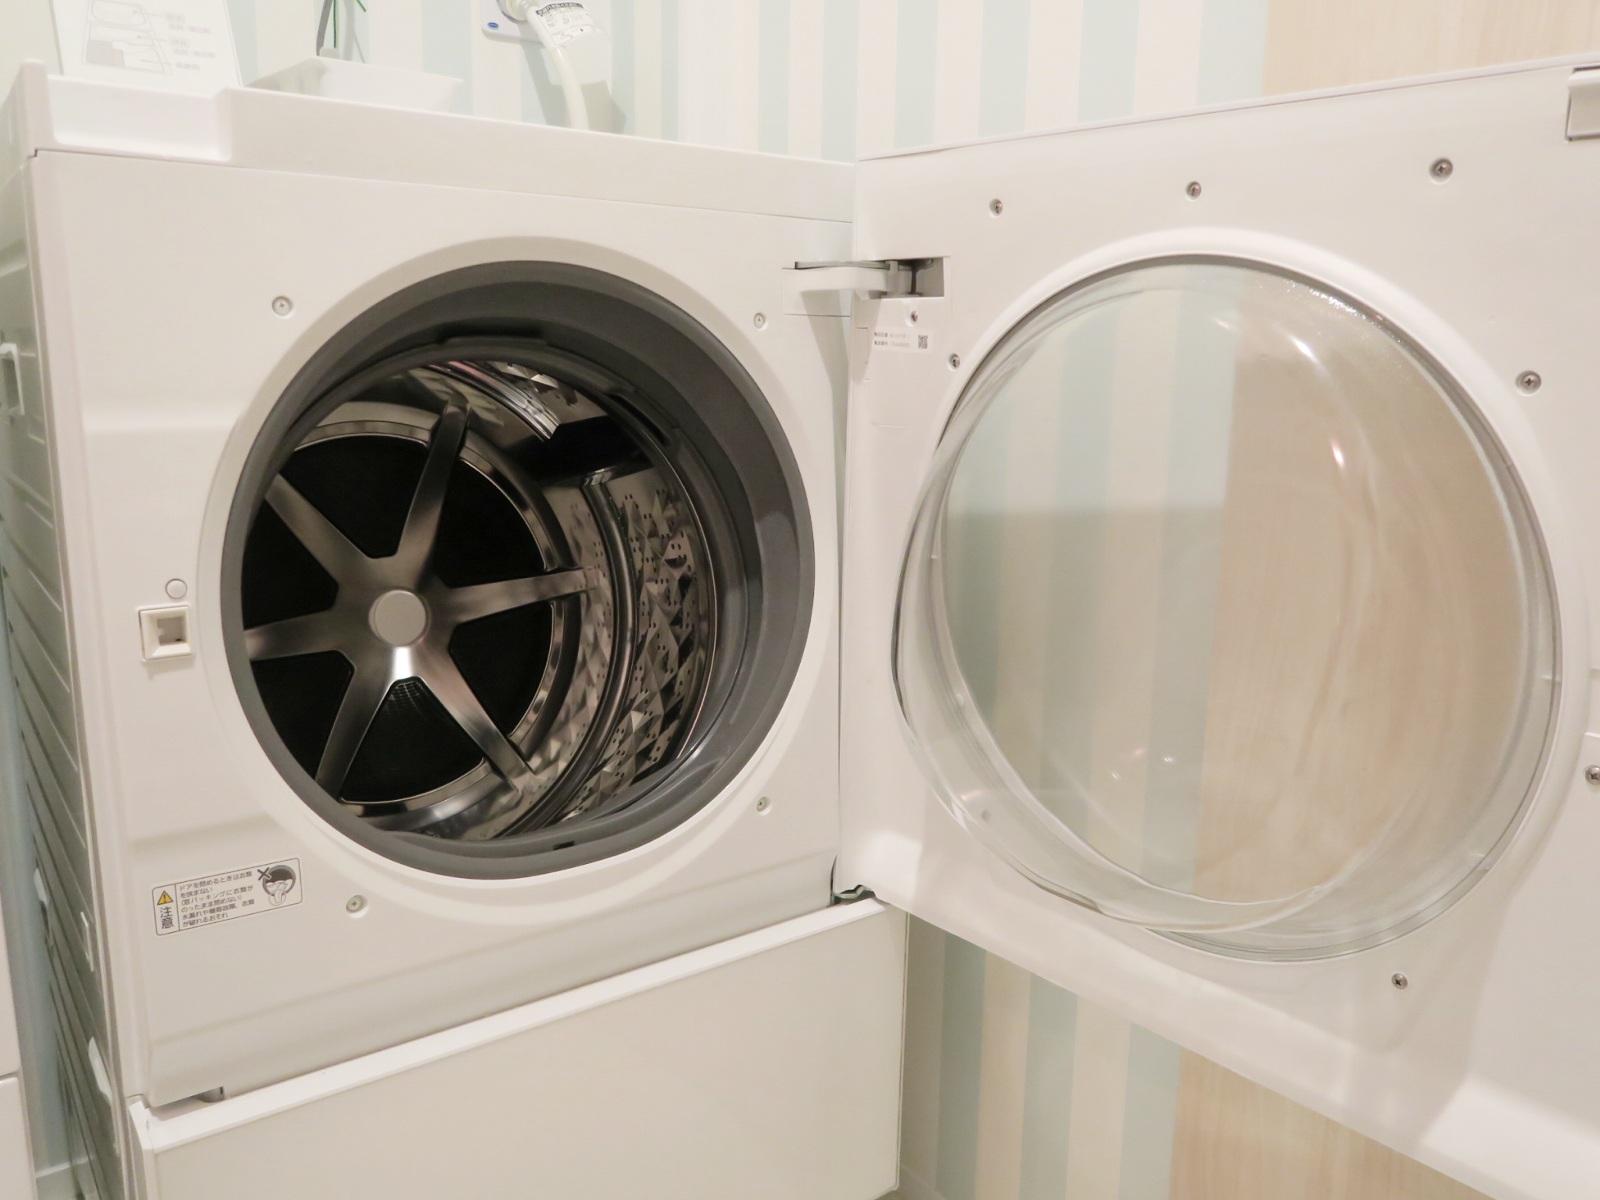 ドラム式洗濯機のアイキャッチ画像